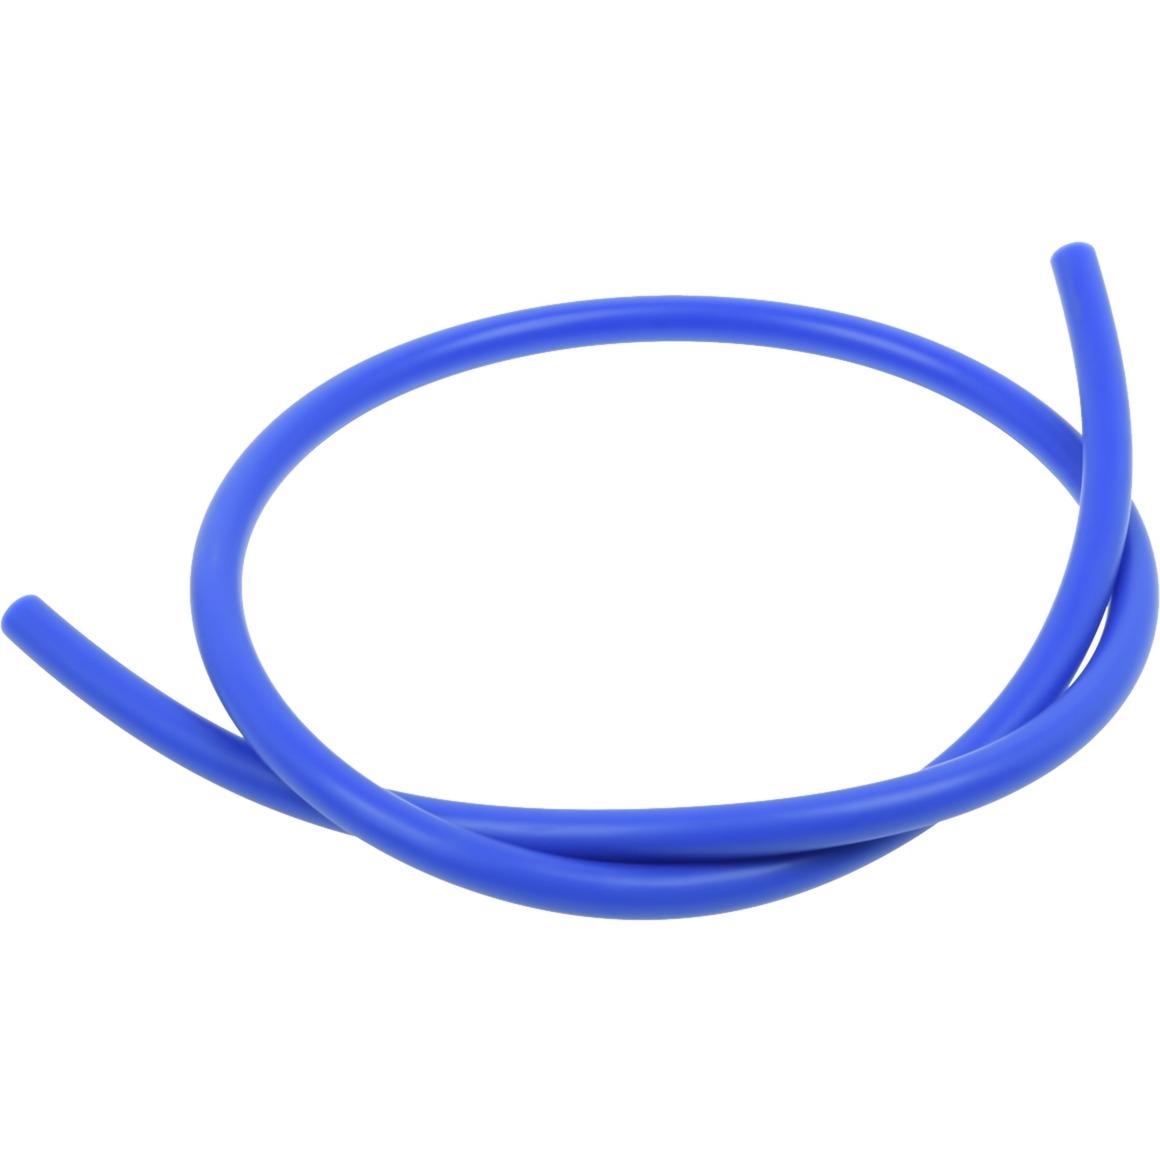 29118 0.3m Azul manguera de compresores de aire, Modding